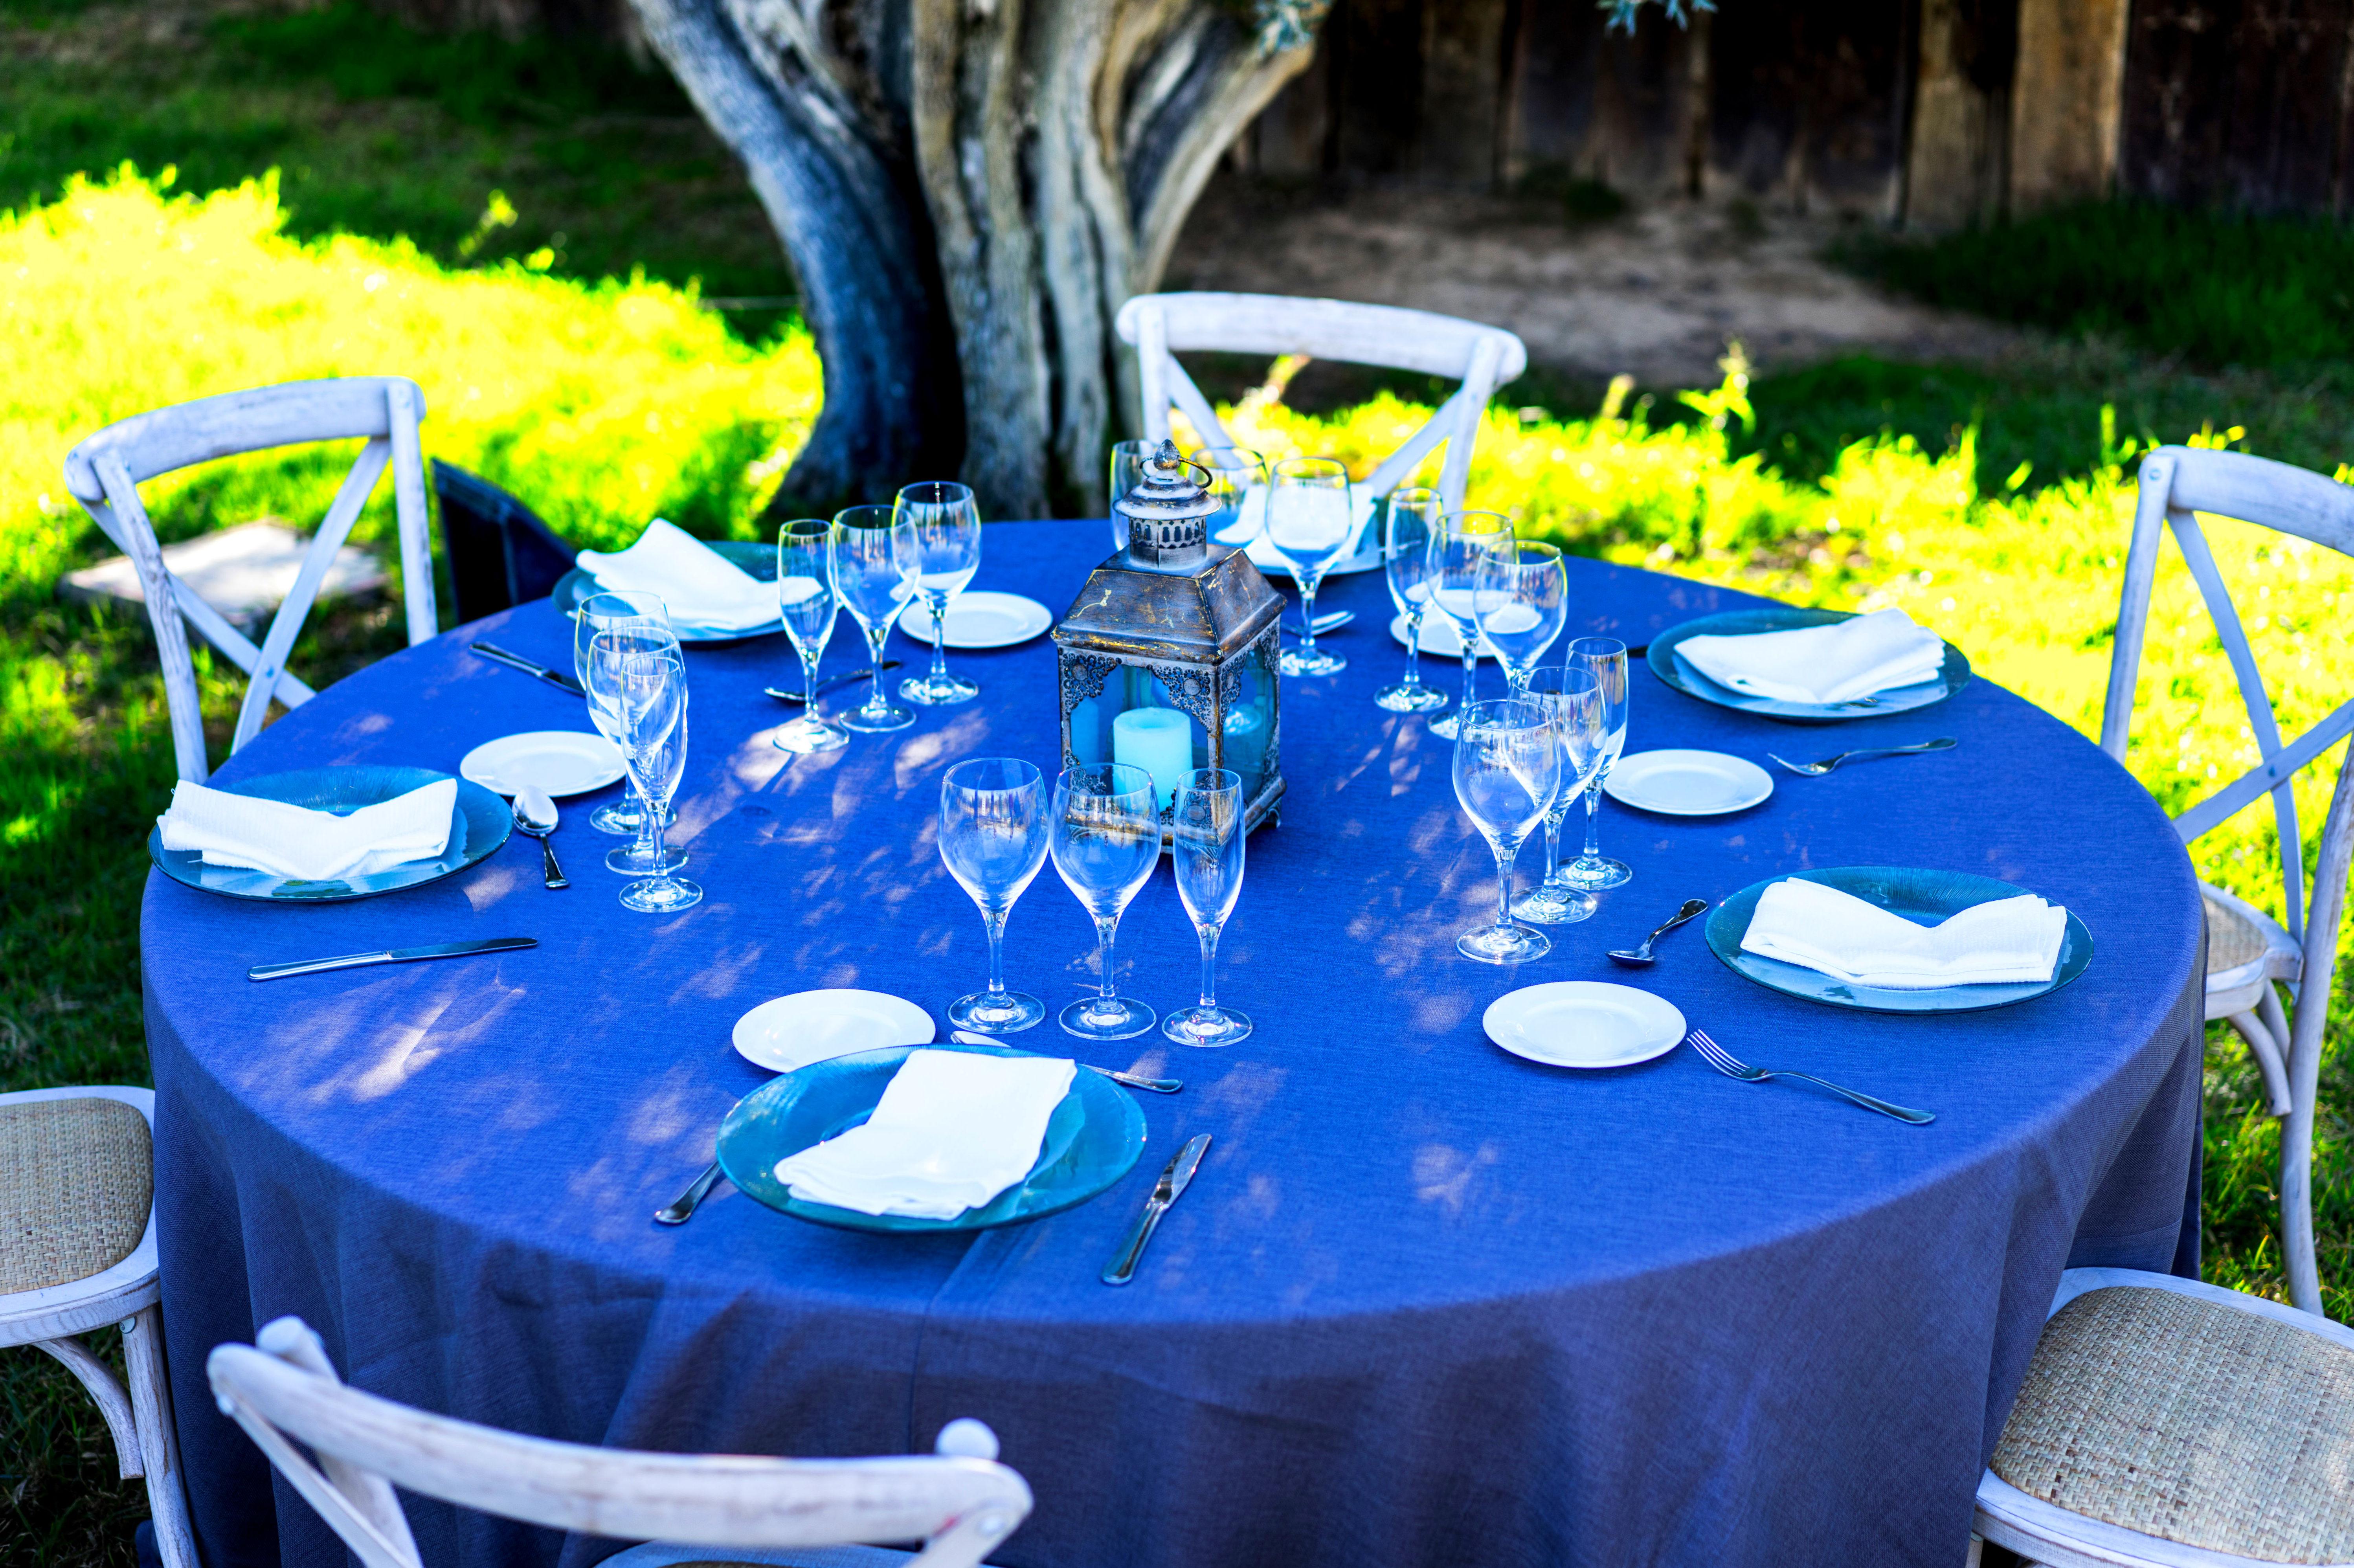 Foto 25 de Alquiler de sillas, mesas y menaje en El Palmar | Mantelería & Menaje